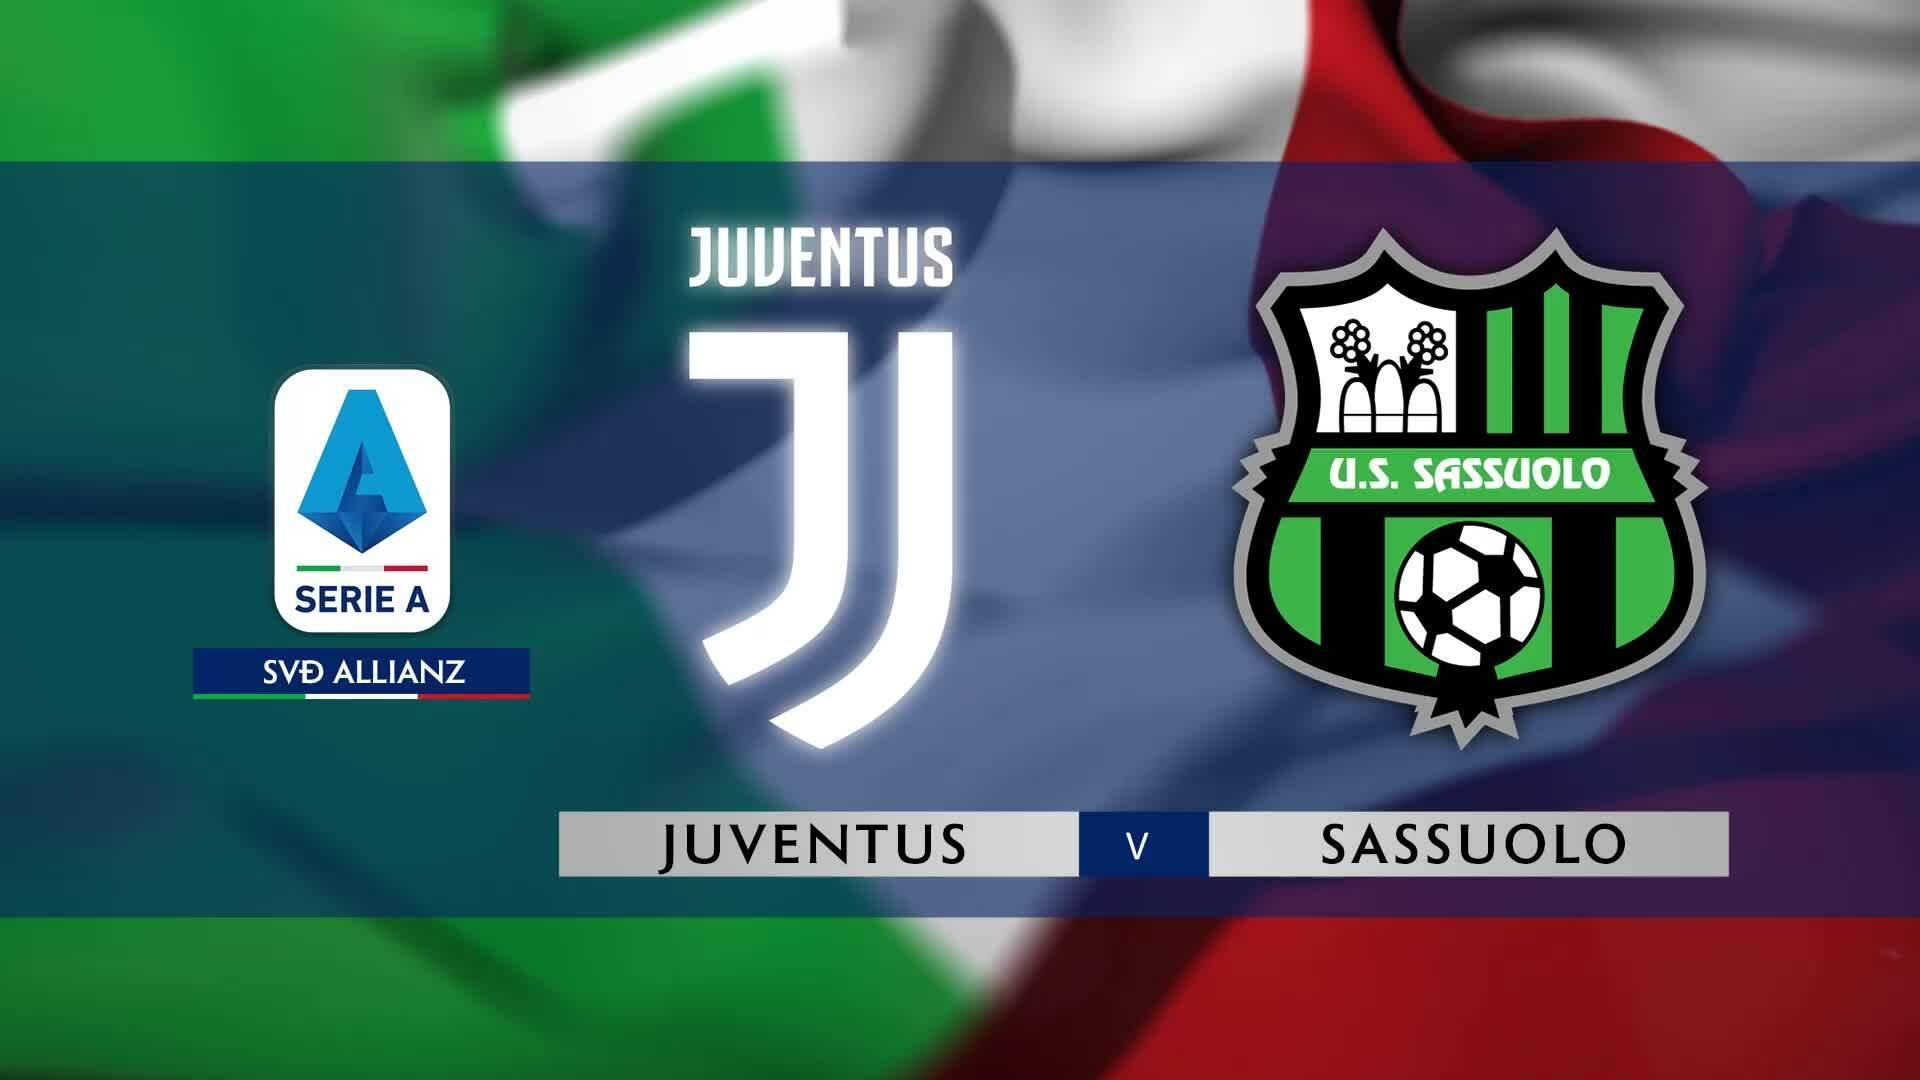 Juventus 2-2 Sassuolo